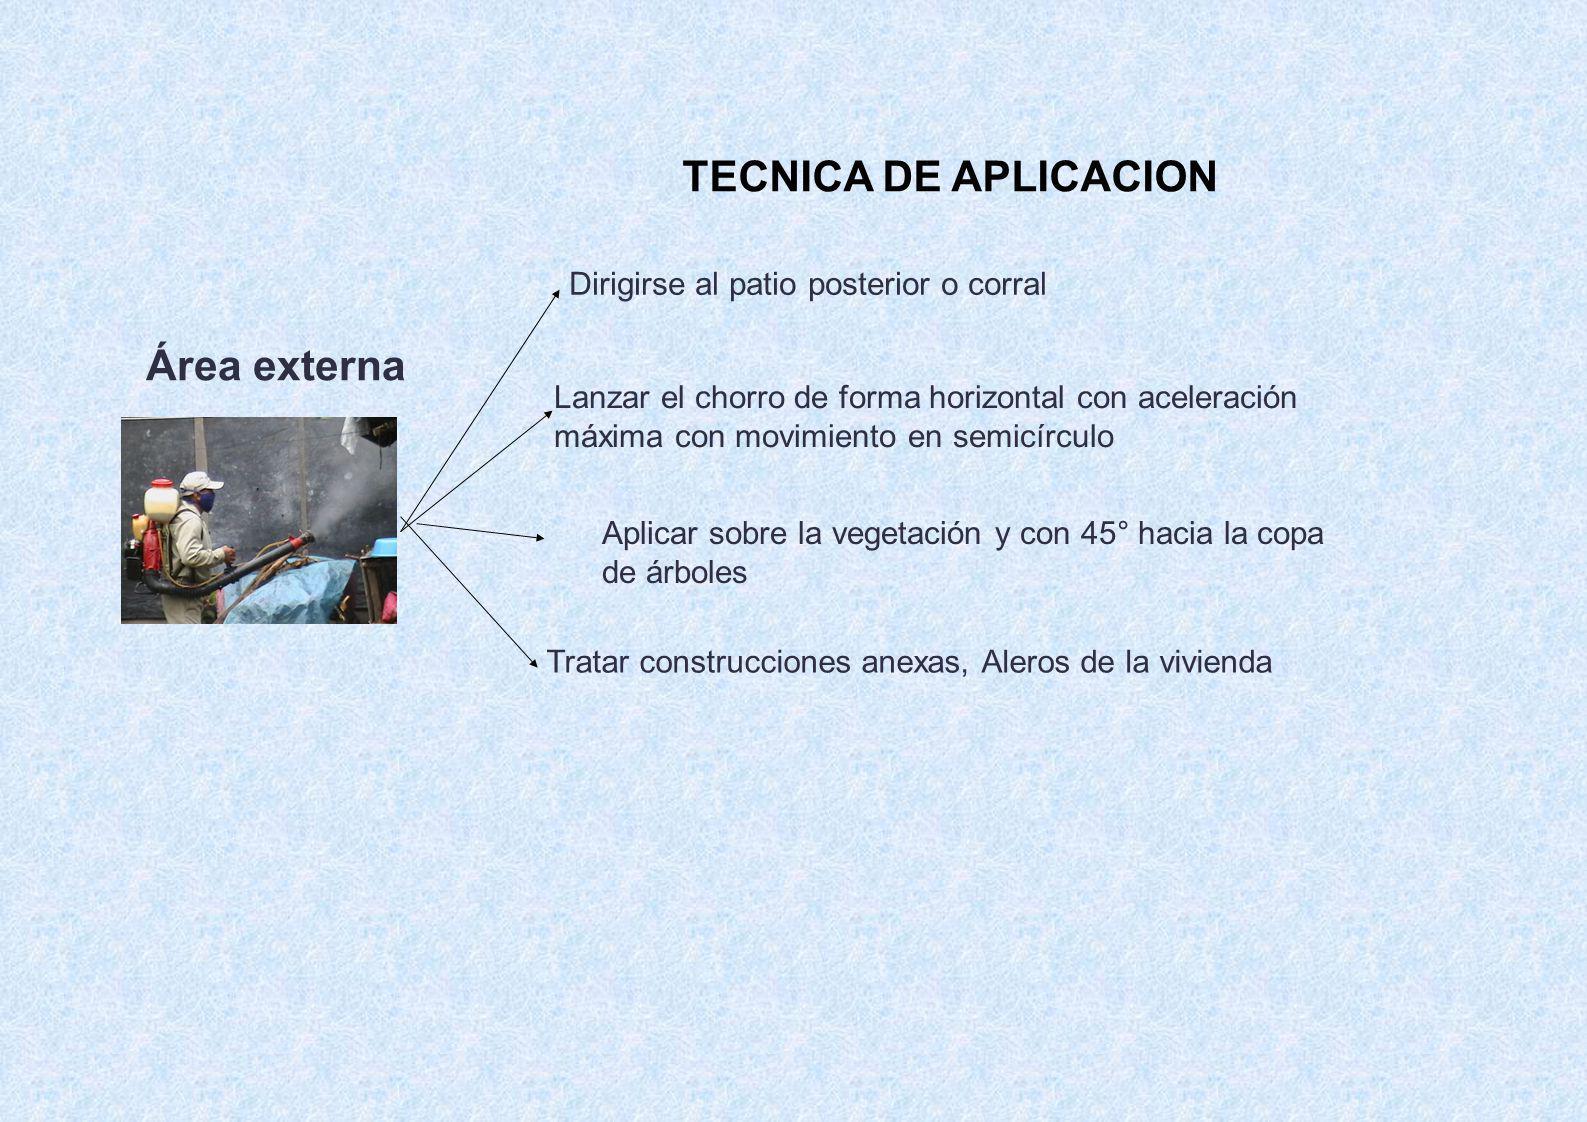 TECNICA DE APLICACION Dirigirse al patio posterior o corral Lanzar el chorro de forma horizontal con aceleración máxima con movimiento en semicírculo Aplicar sobre la vegetación y con 45° hacia la copa de árboles Tratar construcciones anexas, Aleros de la vivienda Área externa